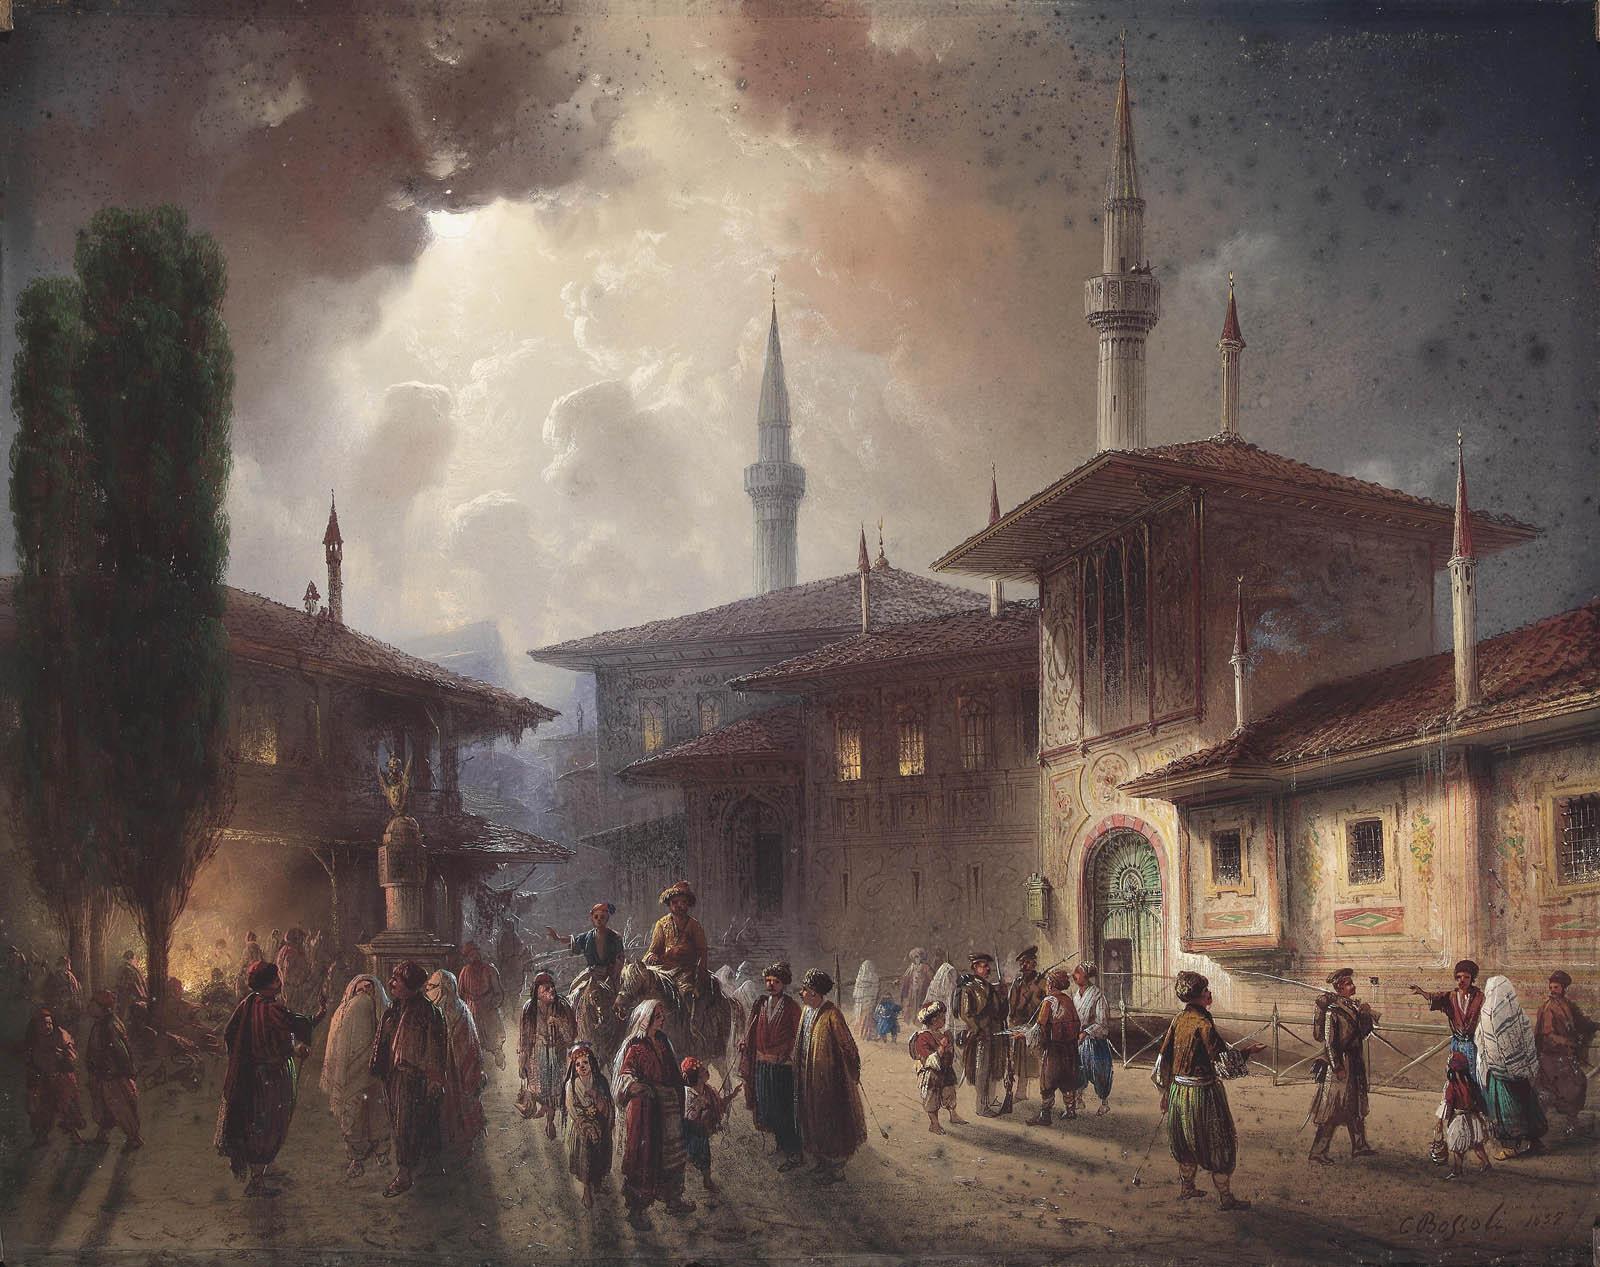 Carlo_Bossoli_Khanpalast_von_Bachcisaraj_1857_